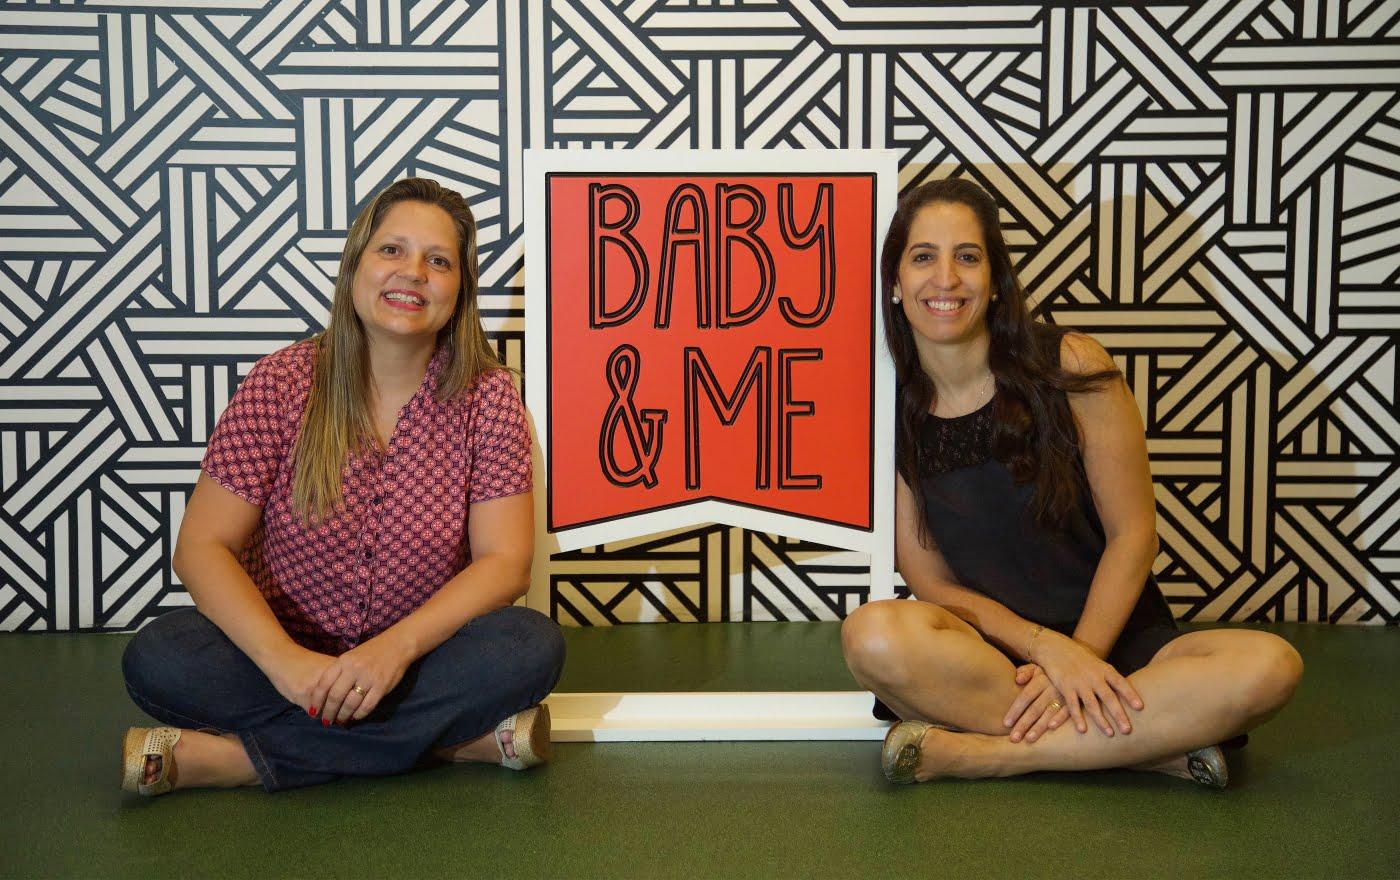 A publicitária Karen Kanaan e a produtora de eventos Ana Carolina Vaz se conheceram em um curso de empreendedorismo do Sebrae. A sinergia foi tanta que hoje elas são sócias na Baby&Me (foto: Paulo Liebert).